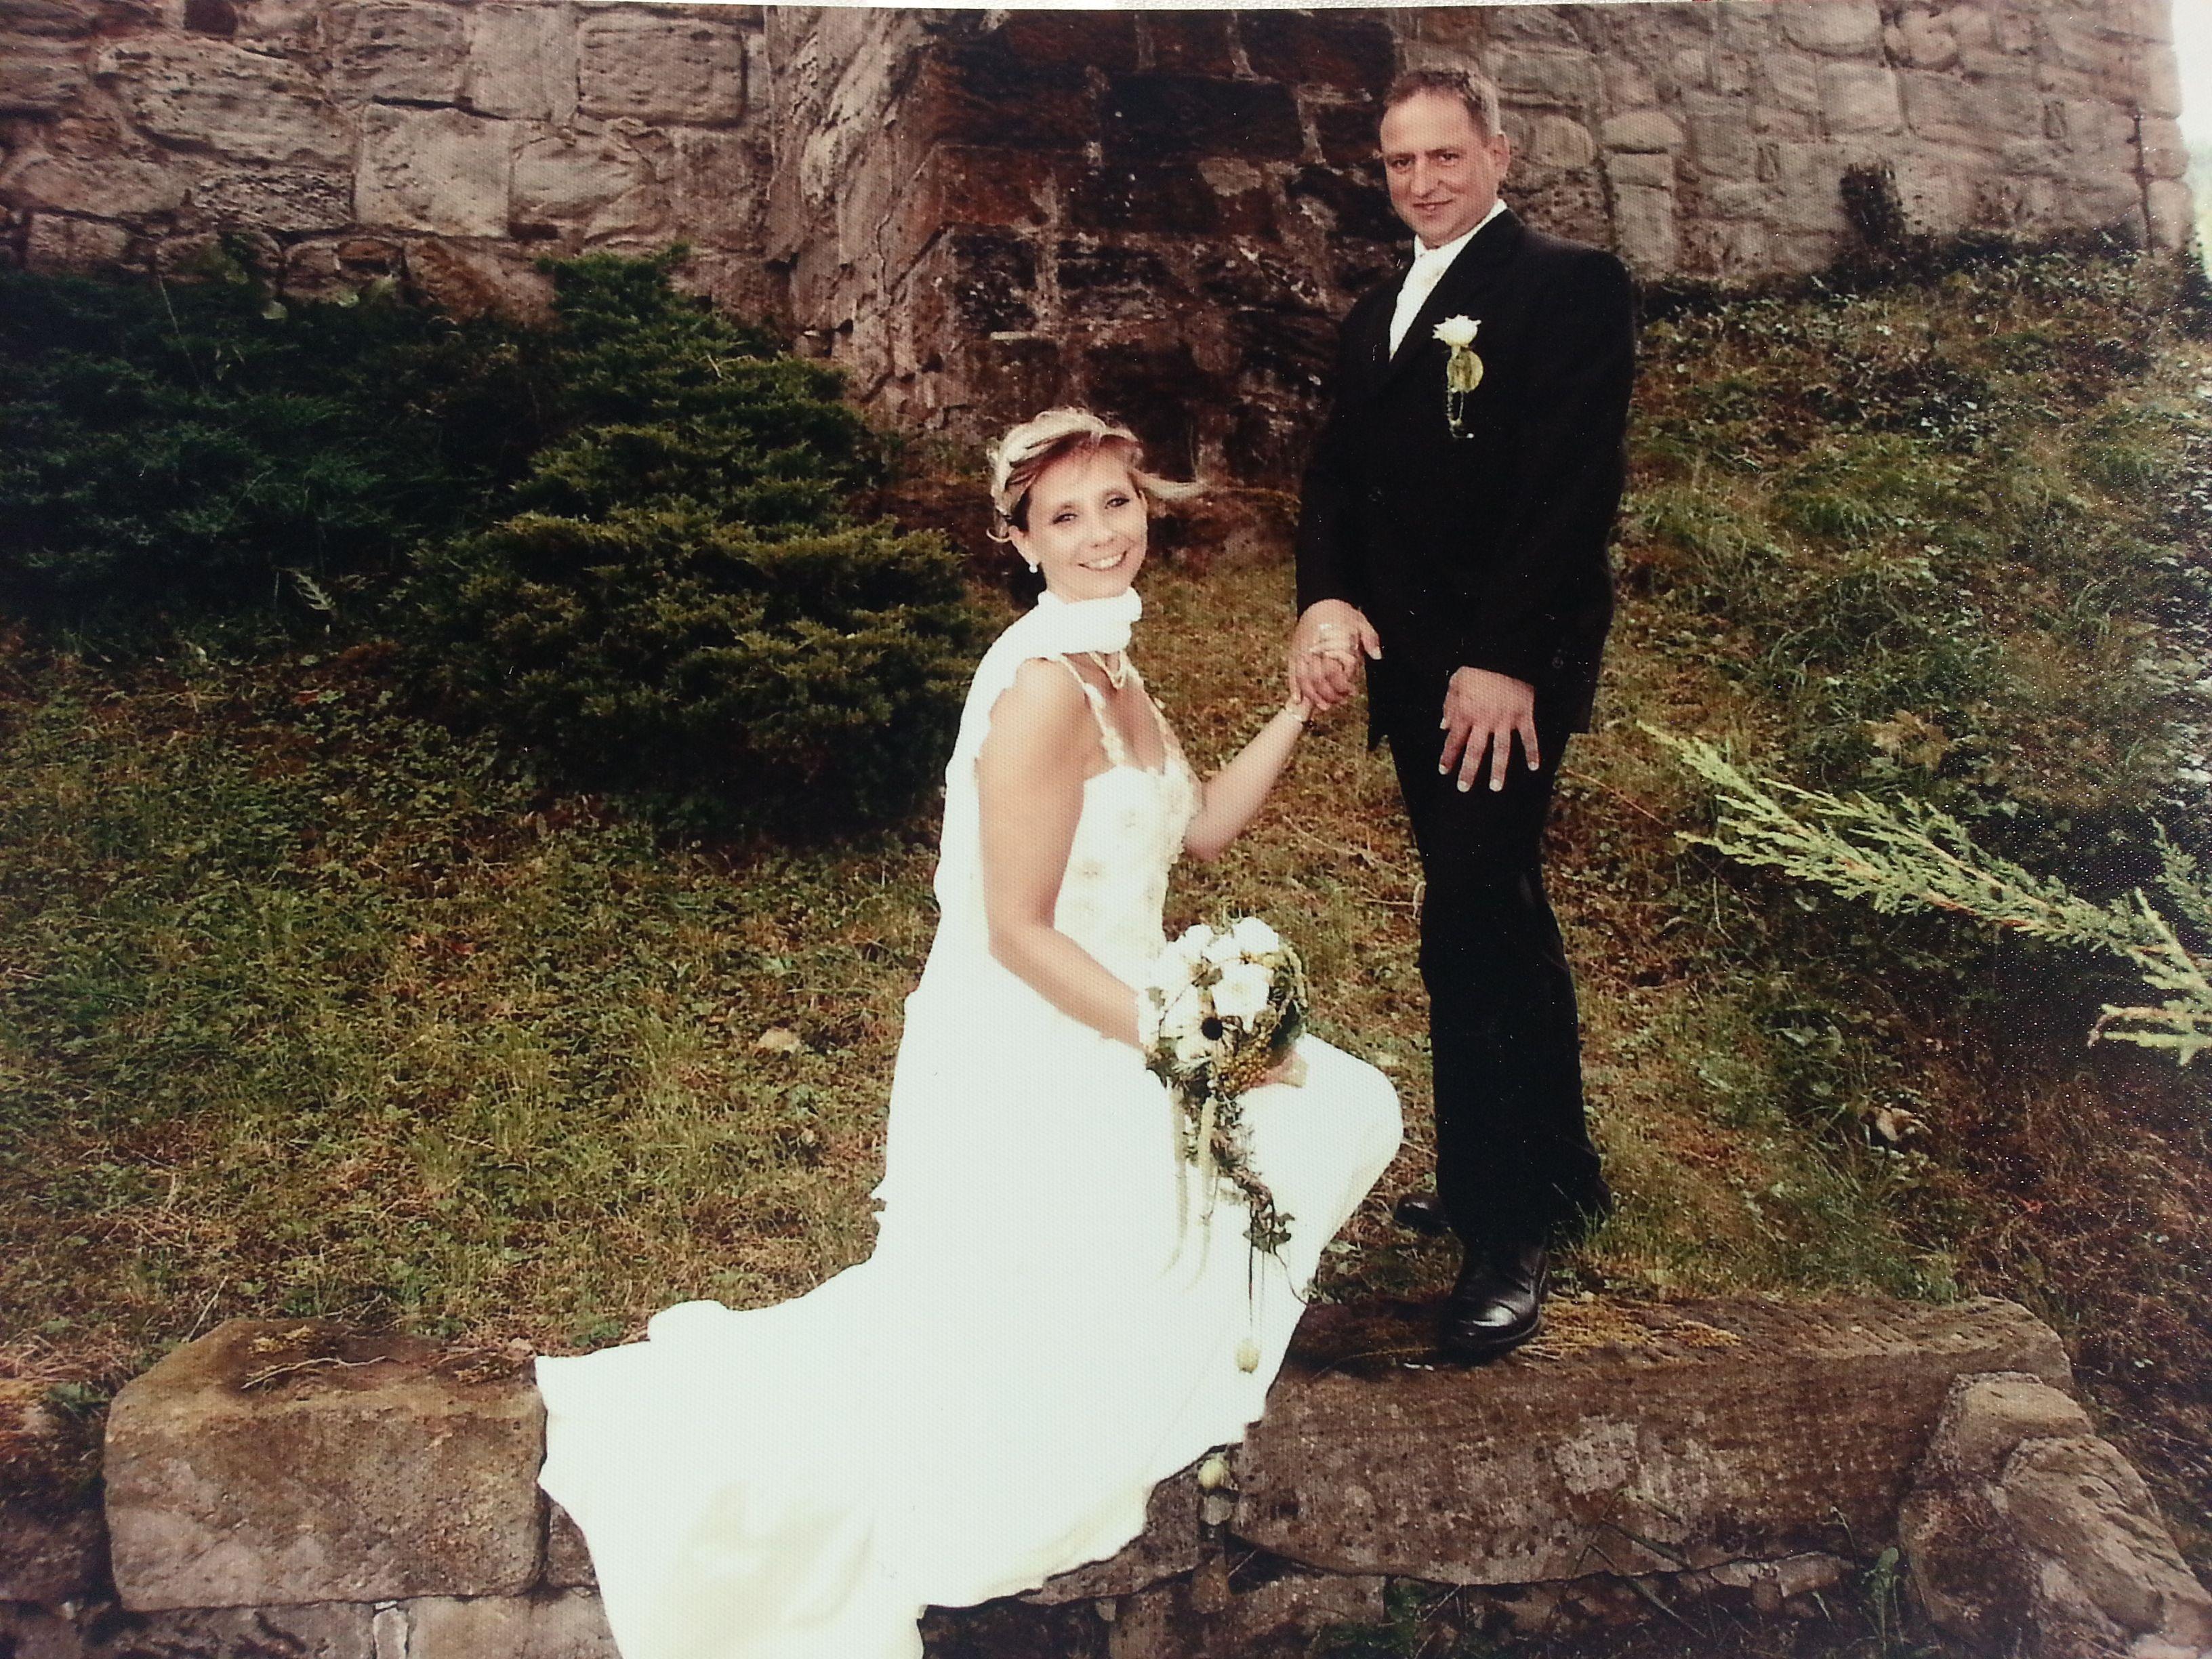 Meine Hochzeit im vergangenen JAhr war ein traum. Ich habe nach zehn Jahren meinen Prinzen geheiratet. Unsere Feier fand auf einer Burg statt. Herrlich und unvergessen.